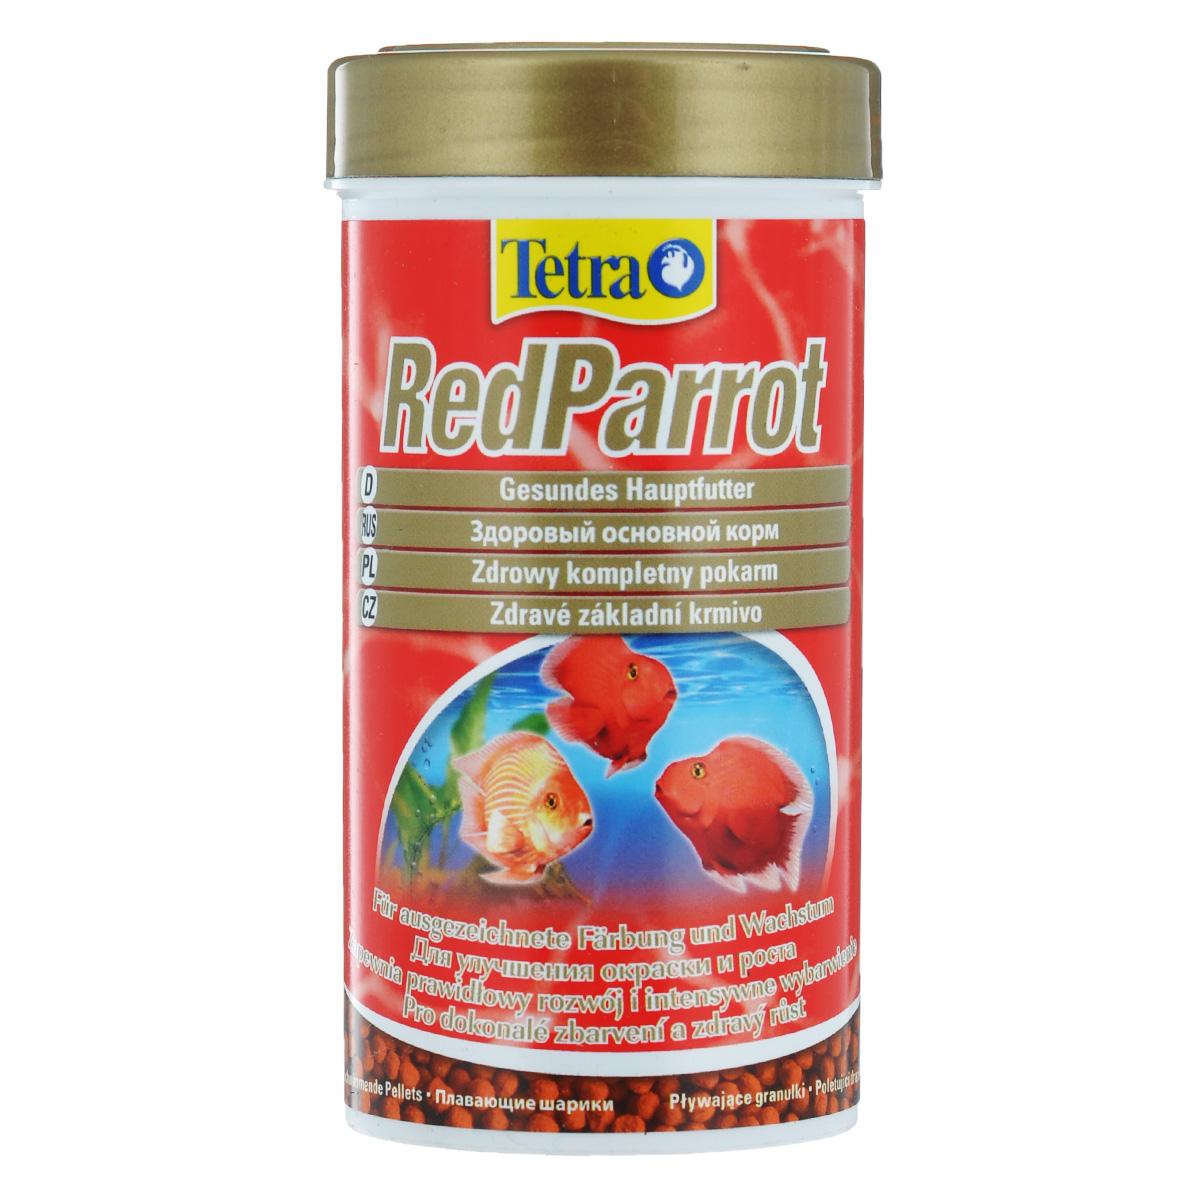 Корм сухой Tetra RedParrot, для красных попугаев, в виде шариков, 250 мл корм tetra tetramin xl flakes complete food for larger tropical fish крупные хлопья для больших тропических рыб 10л 769946